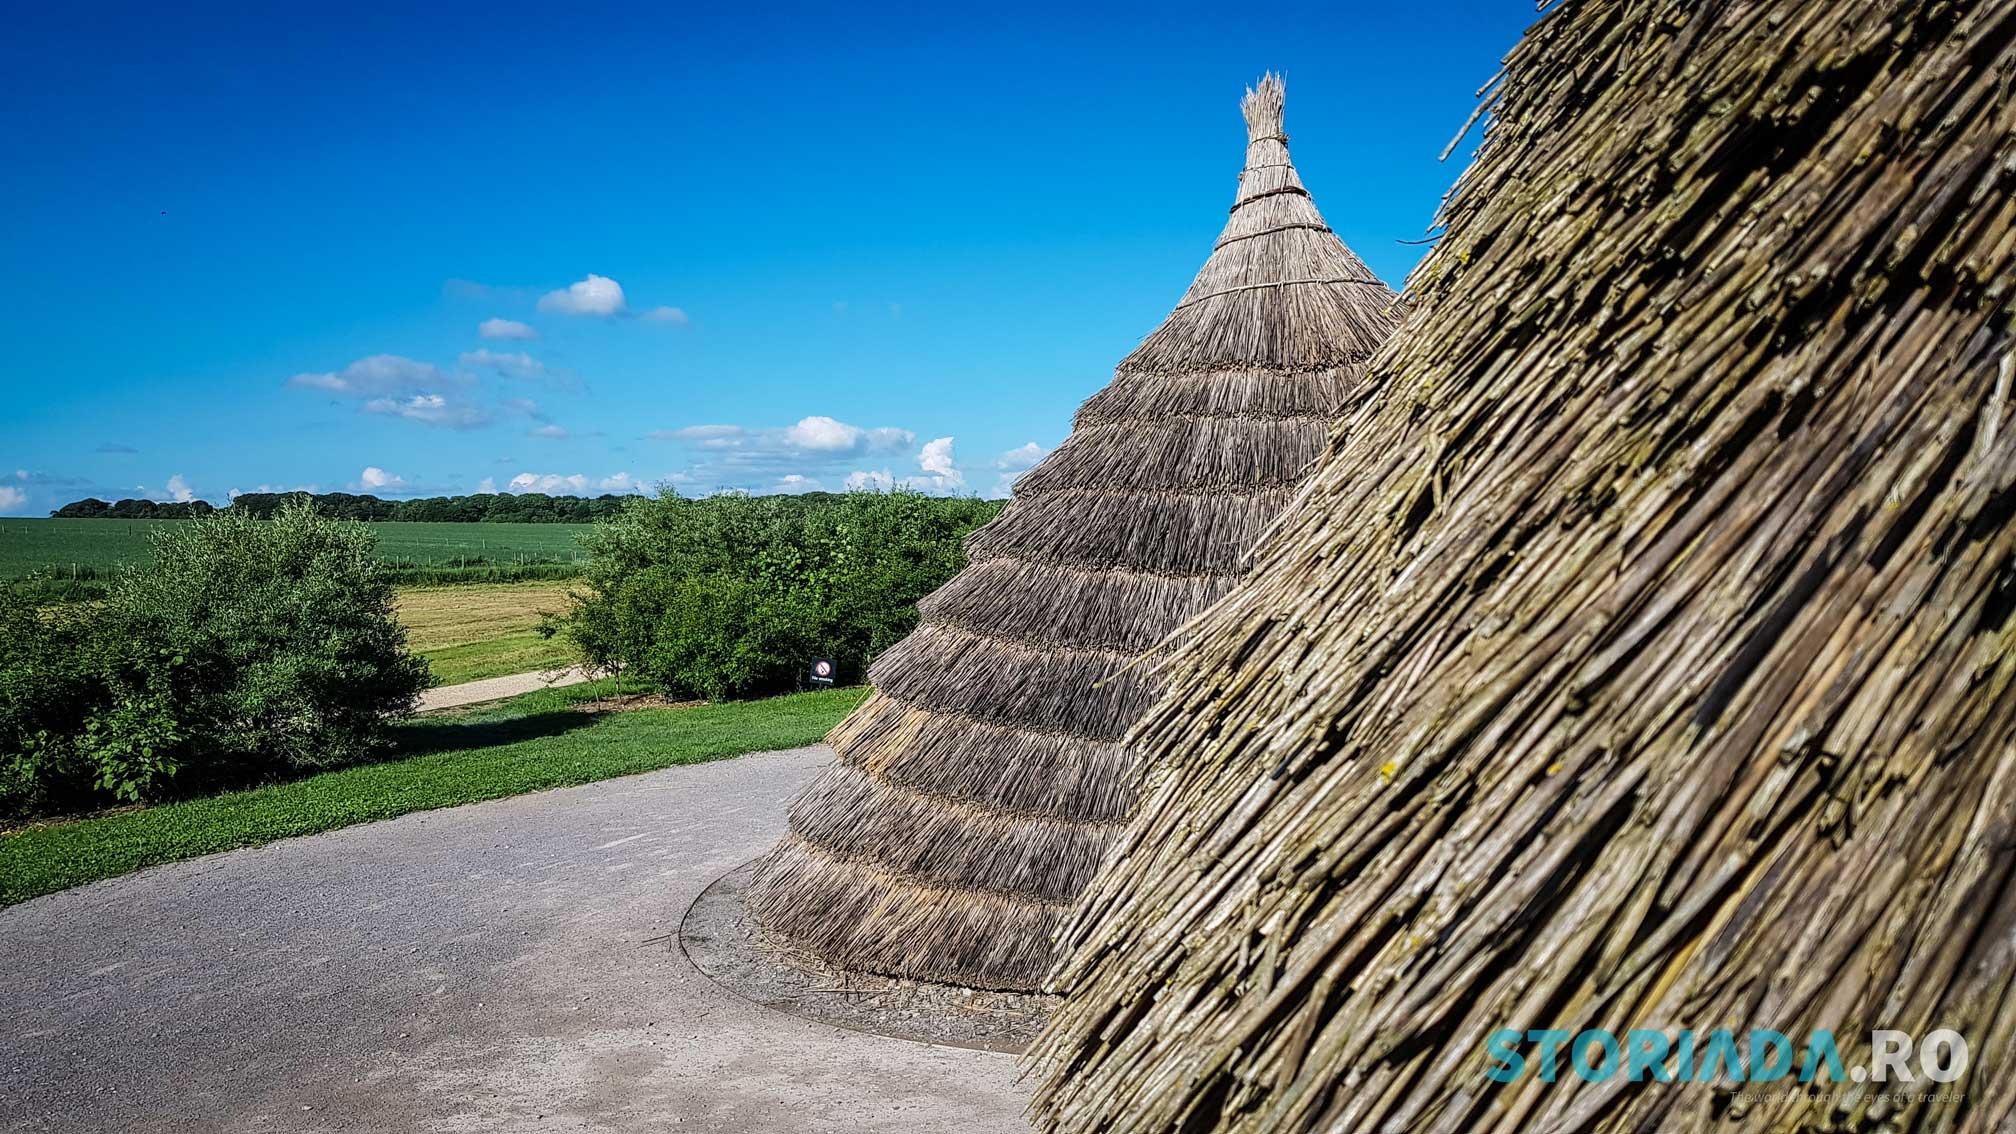 Presupusele case ale celor care au construit Stonehenge